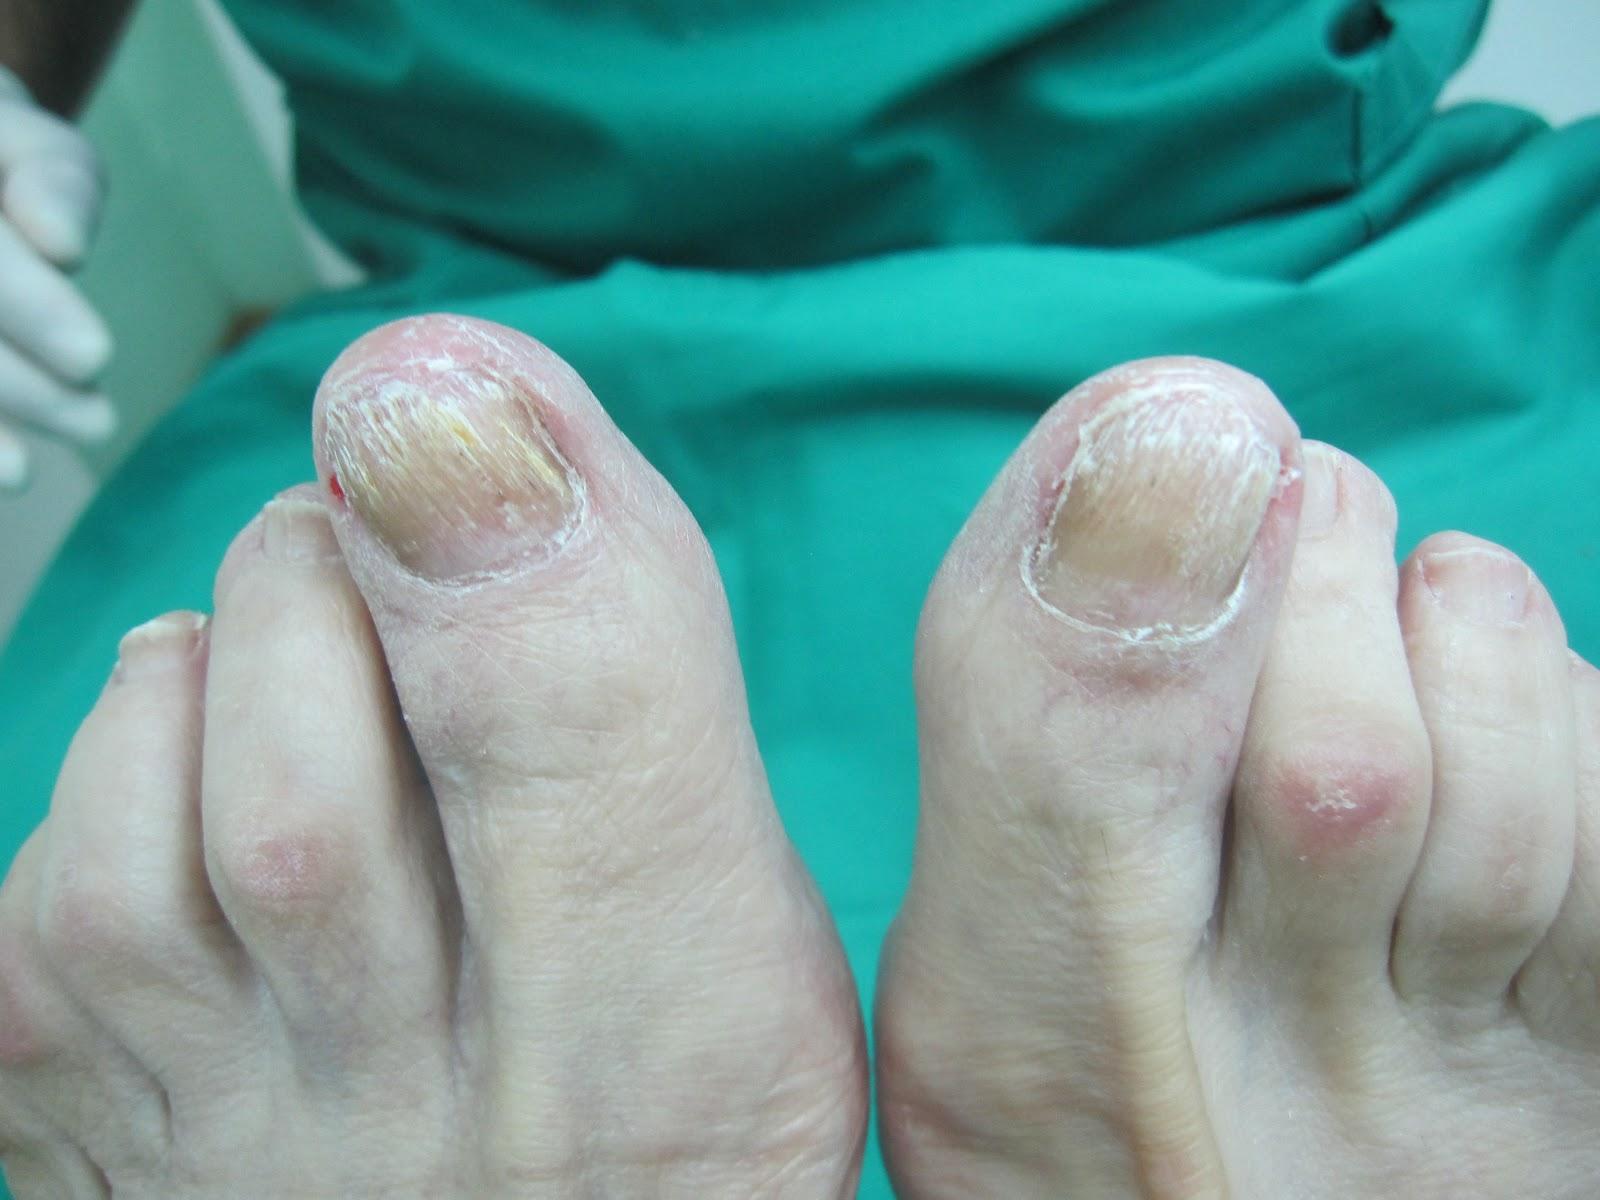 La novocaína del hongo de los pie las revocaciones